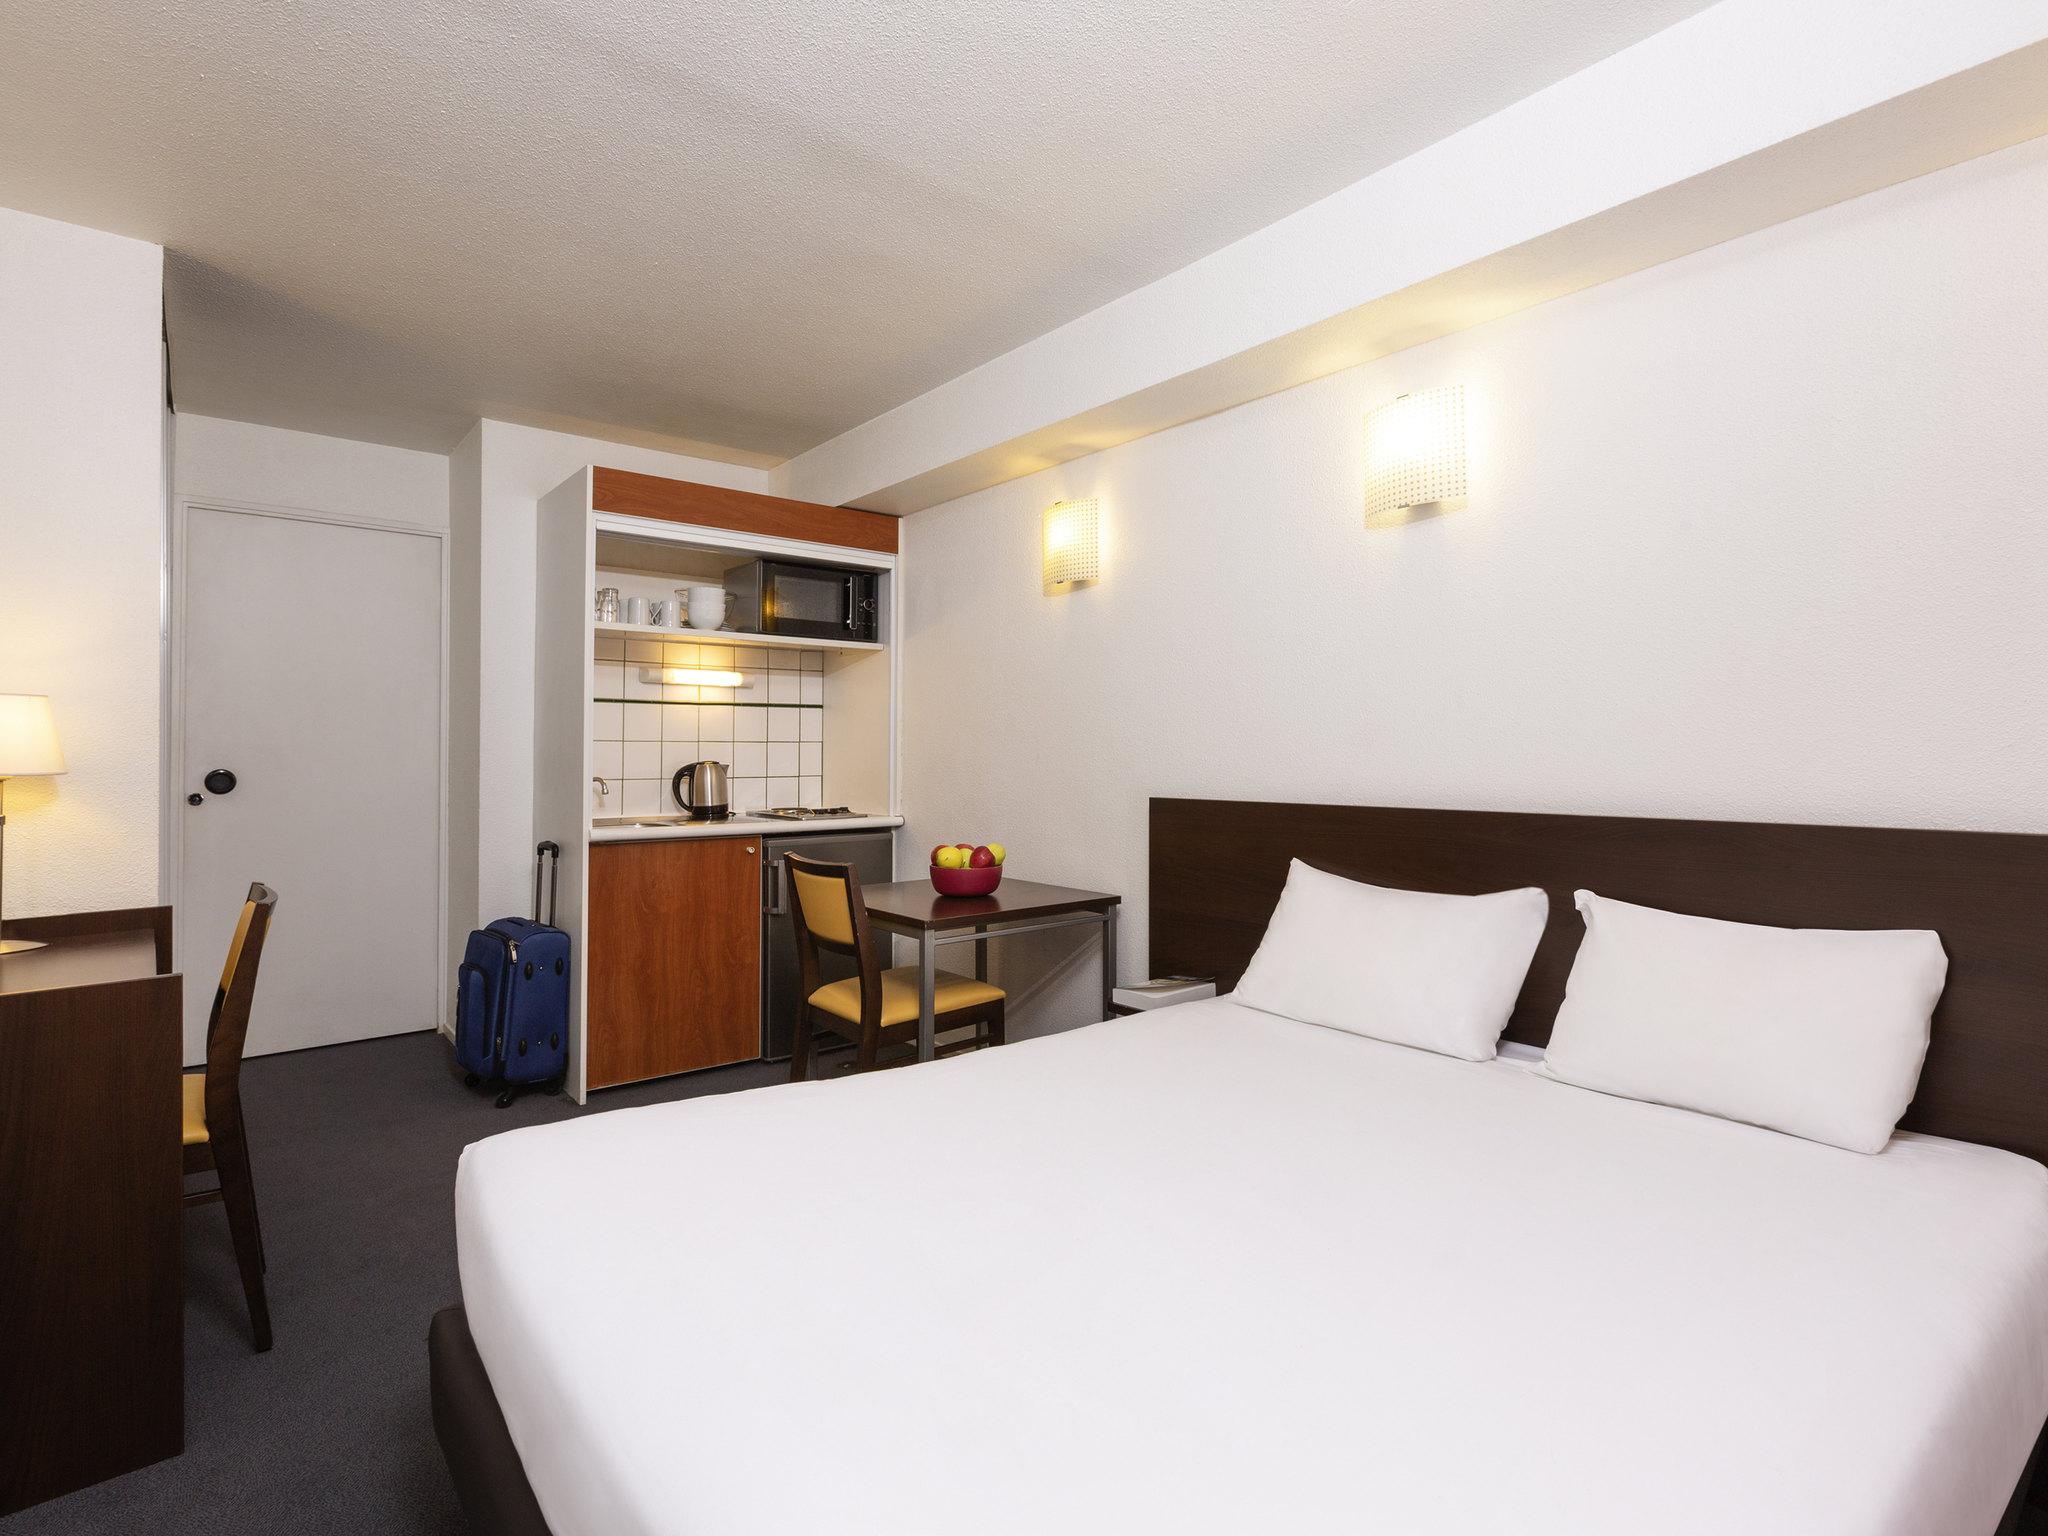 Отель — Апарт-отель Adagio access Ла-Дефанс Леонардо да Винчи